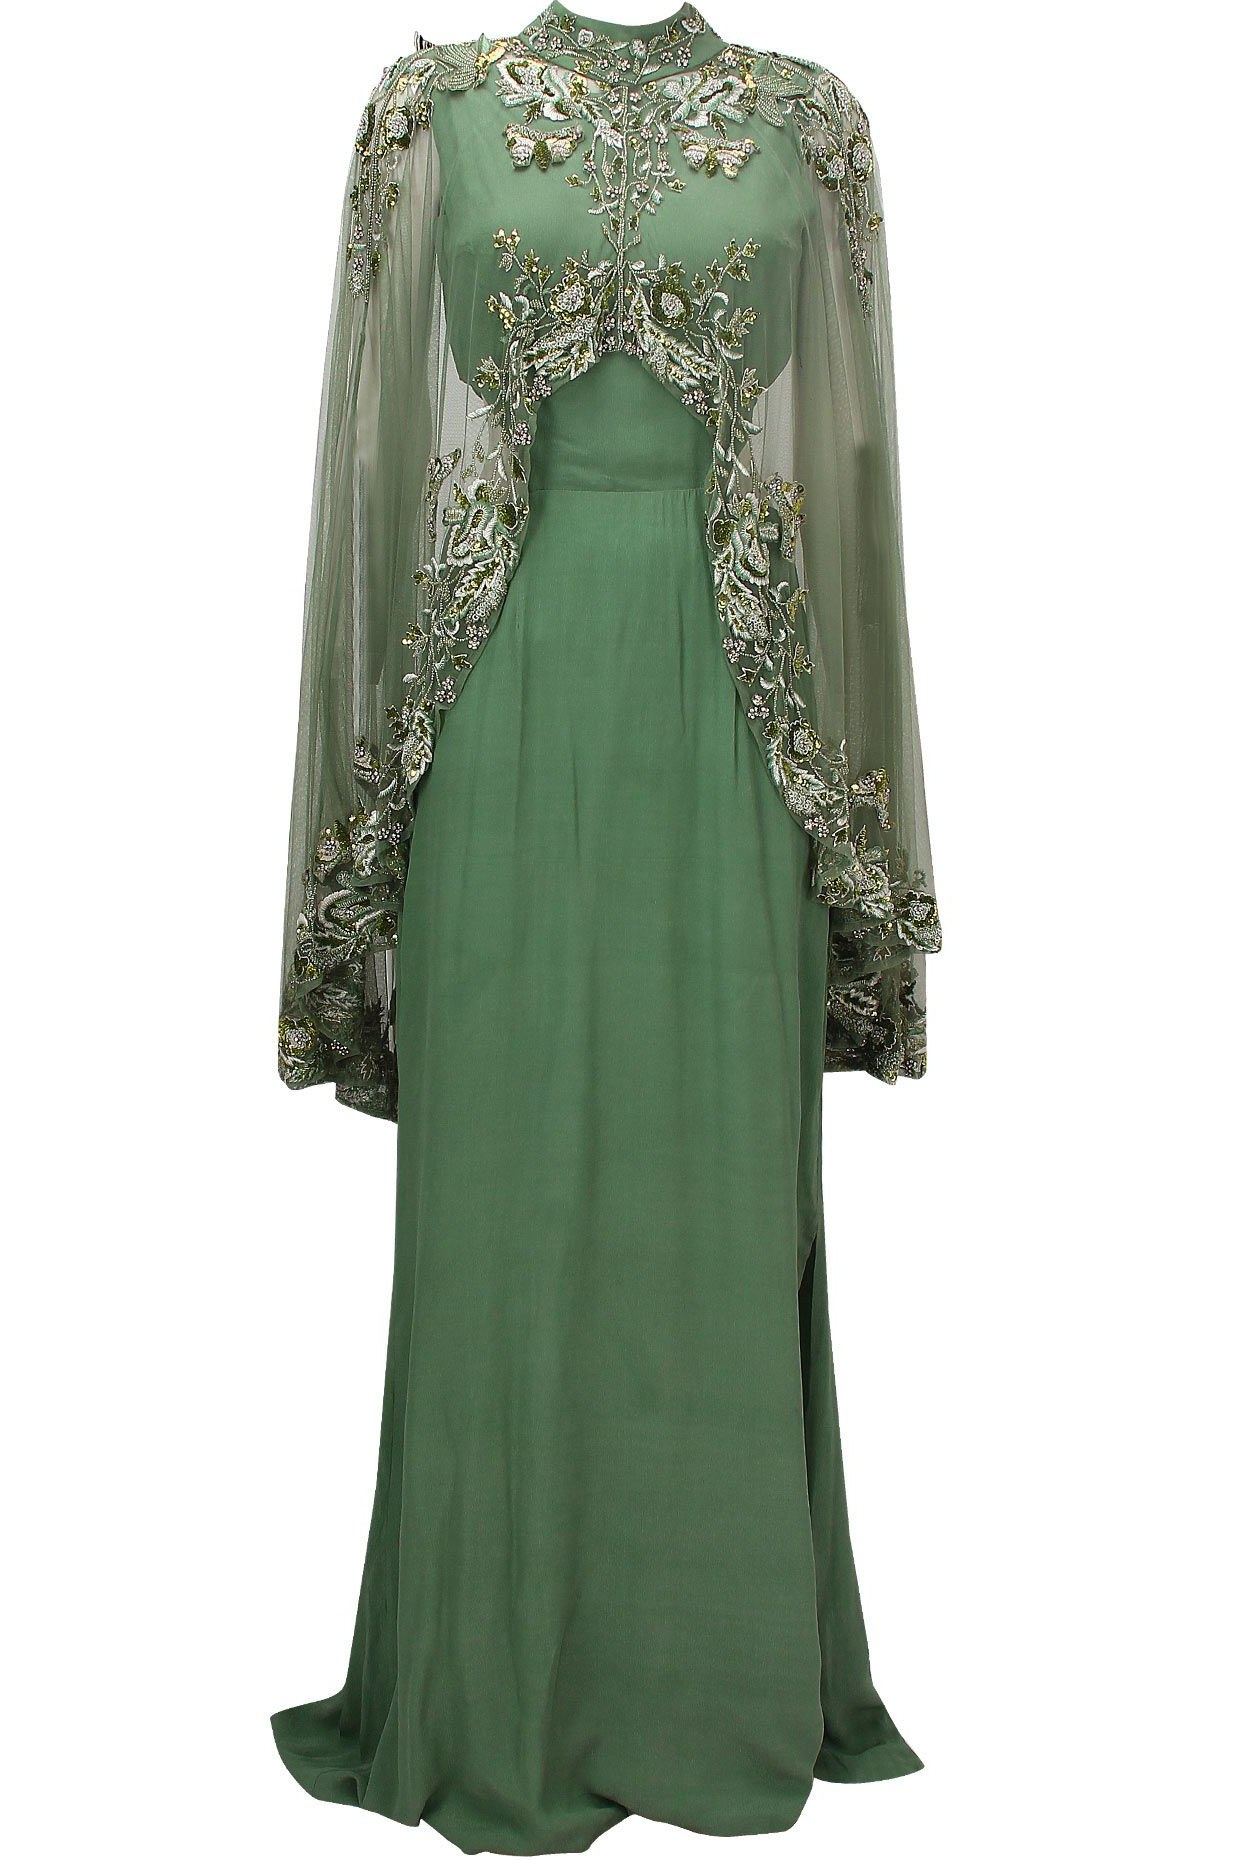 Bentuk Gamis Batik Seragam Pernikahan Fmdf Green Cutout Goddess Gown with Embroidered High Low Sheer